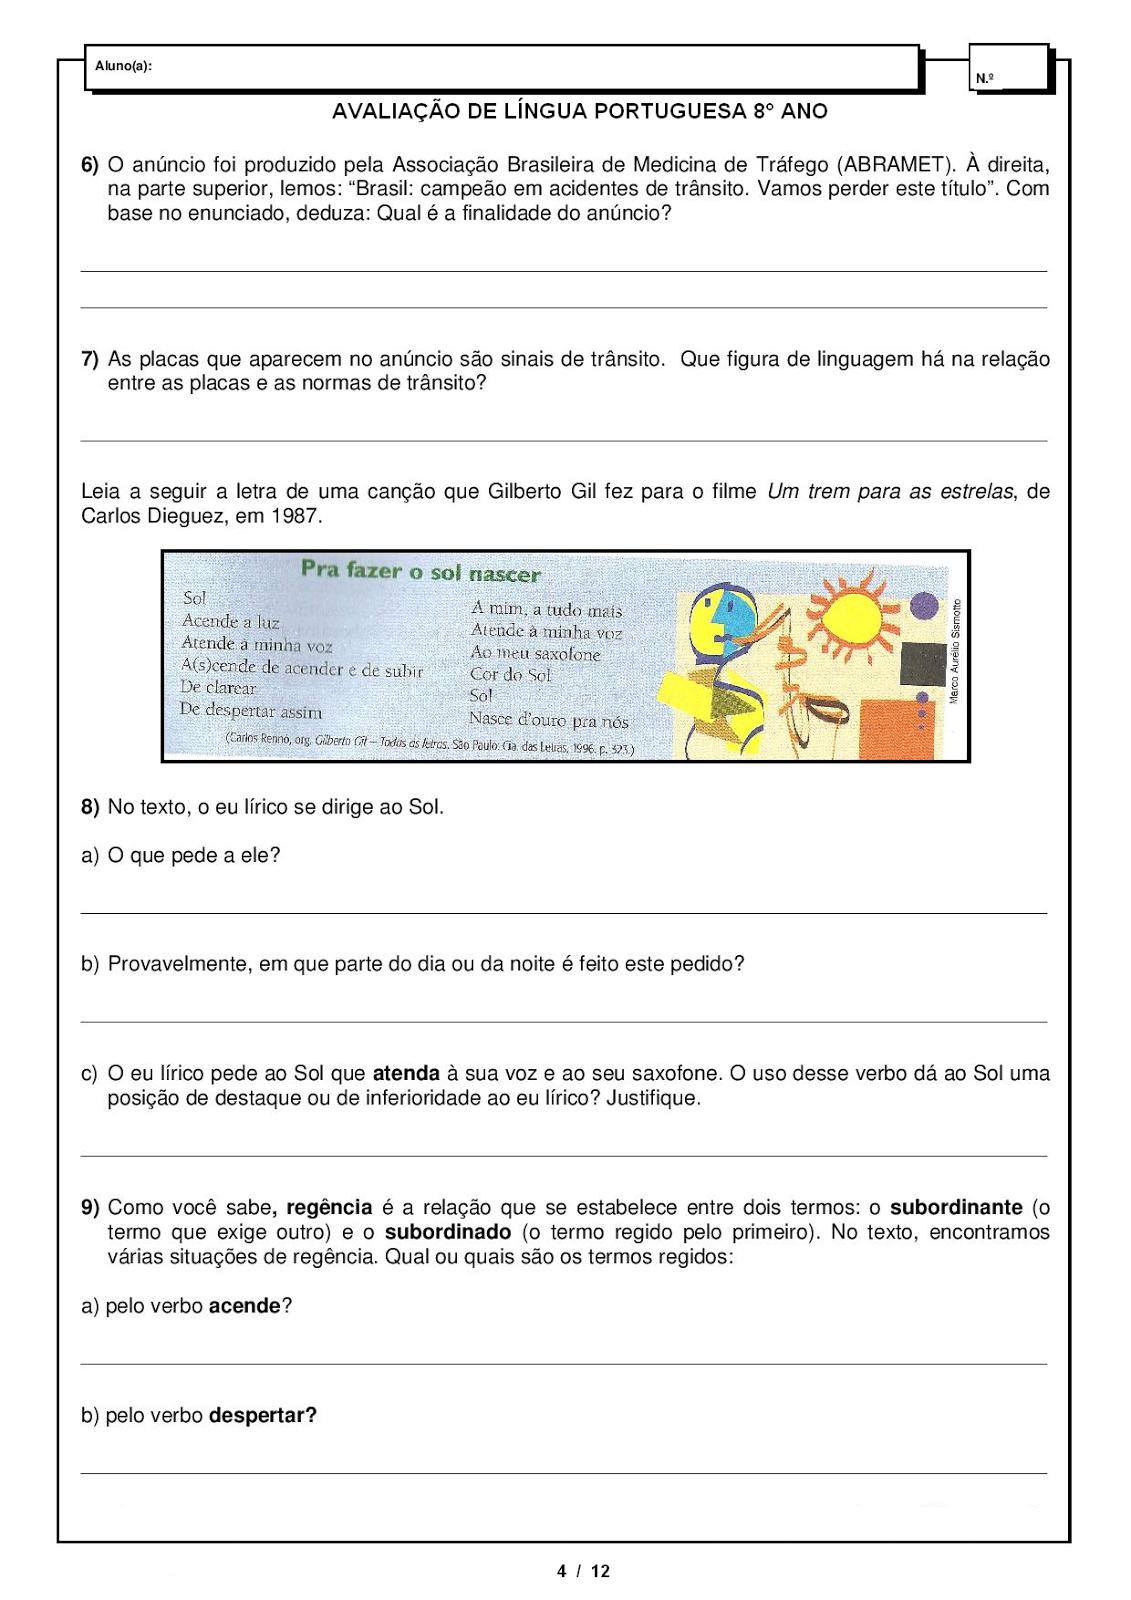 Atividades de Português 8 ano - Interpretação - Gramática - Ortografia